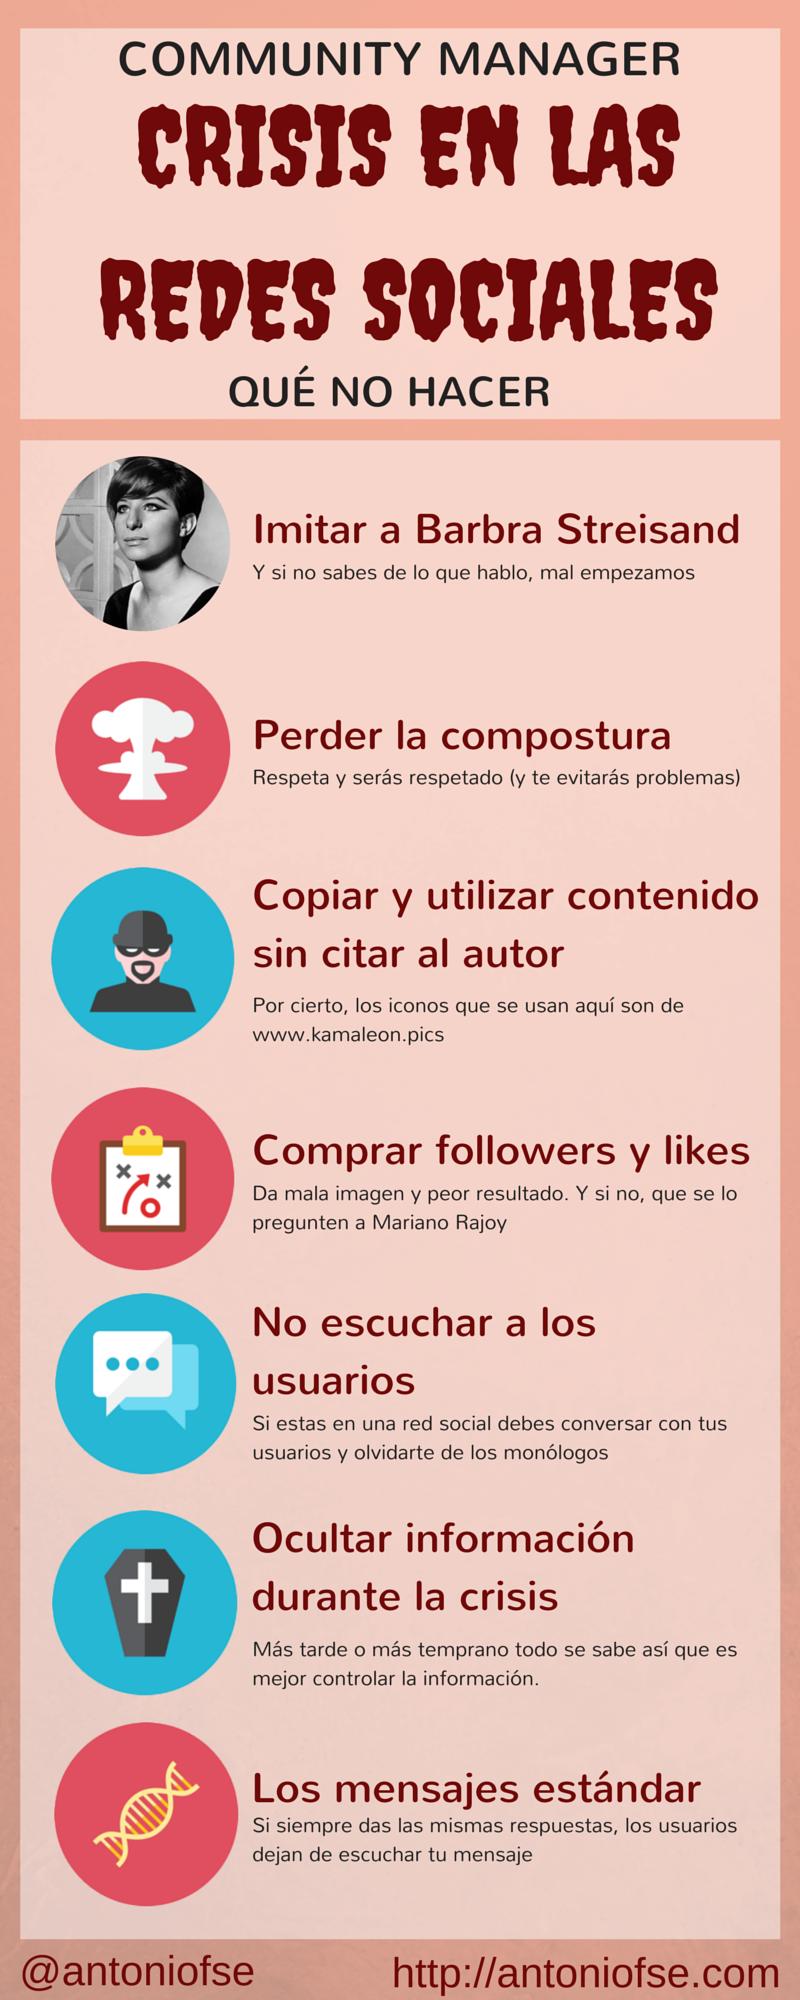 Community Manager Crisis En Las Redes Sociales Qué No Hacer In Marketing Digital Social Media Community Manager Social Media Social Media Marketing Business